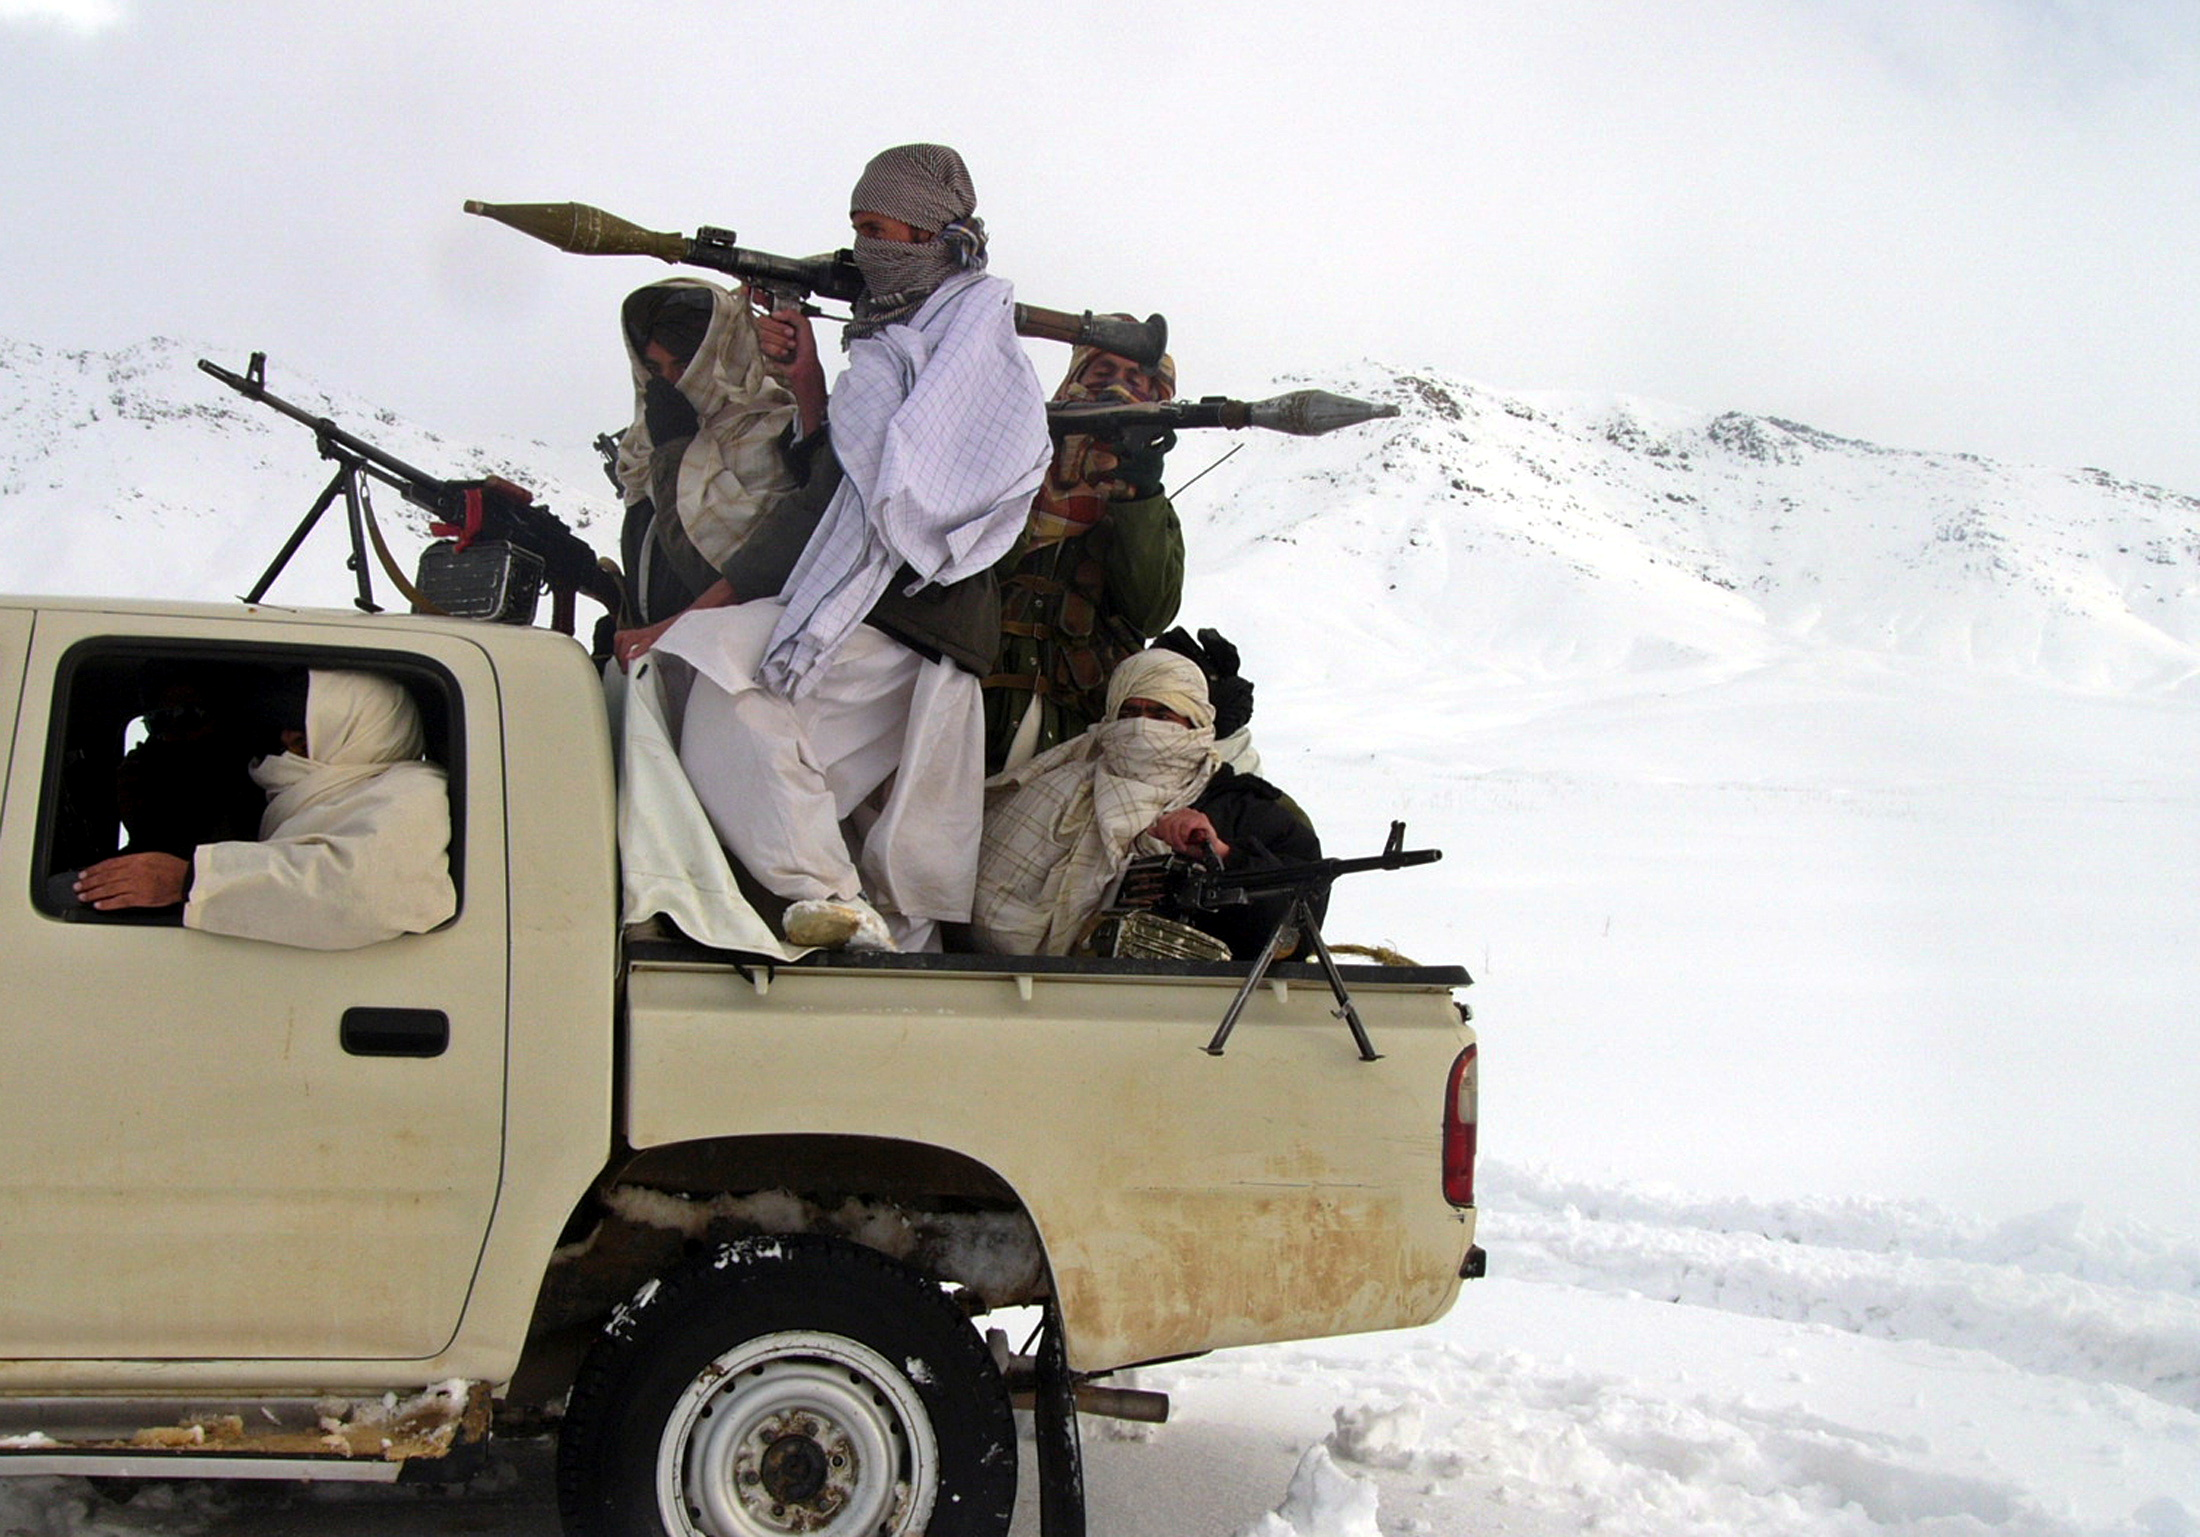 Αφγανιστάν: Η Αντίσταση αντεπιτίθεται – Αιματηρές μάχες με τους Ταλιμπάν στην «Κοιλάδα των Πέντε Λεόντων»